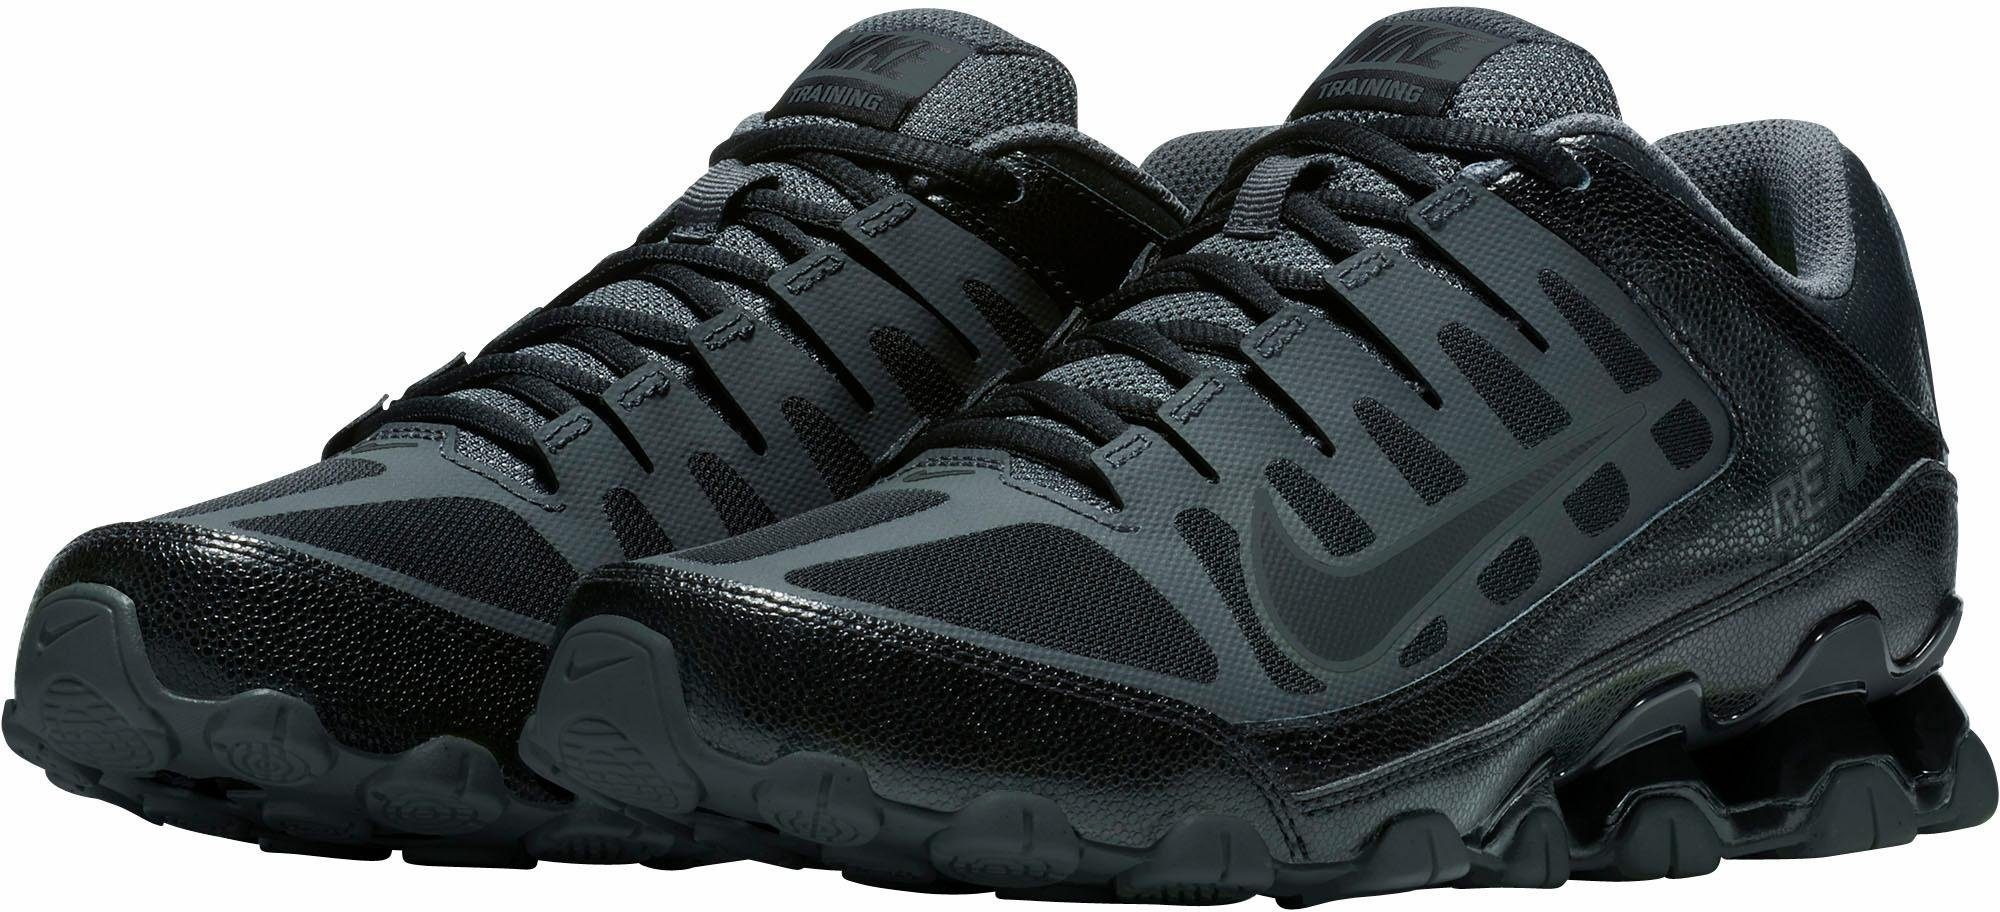 Nike »Reax 8 TR« Trainingsschuh, Atmungsaktives Mesh mit Leder Overlays für zusätzlichen Support online kaufen | OTTO